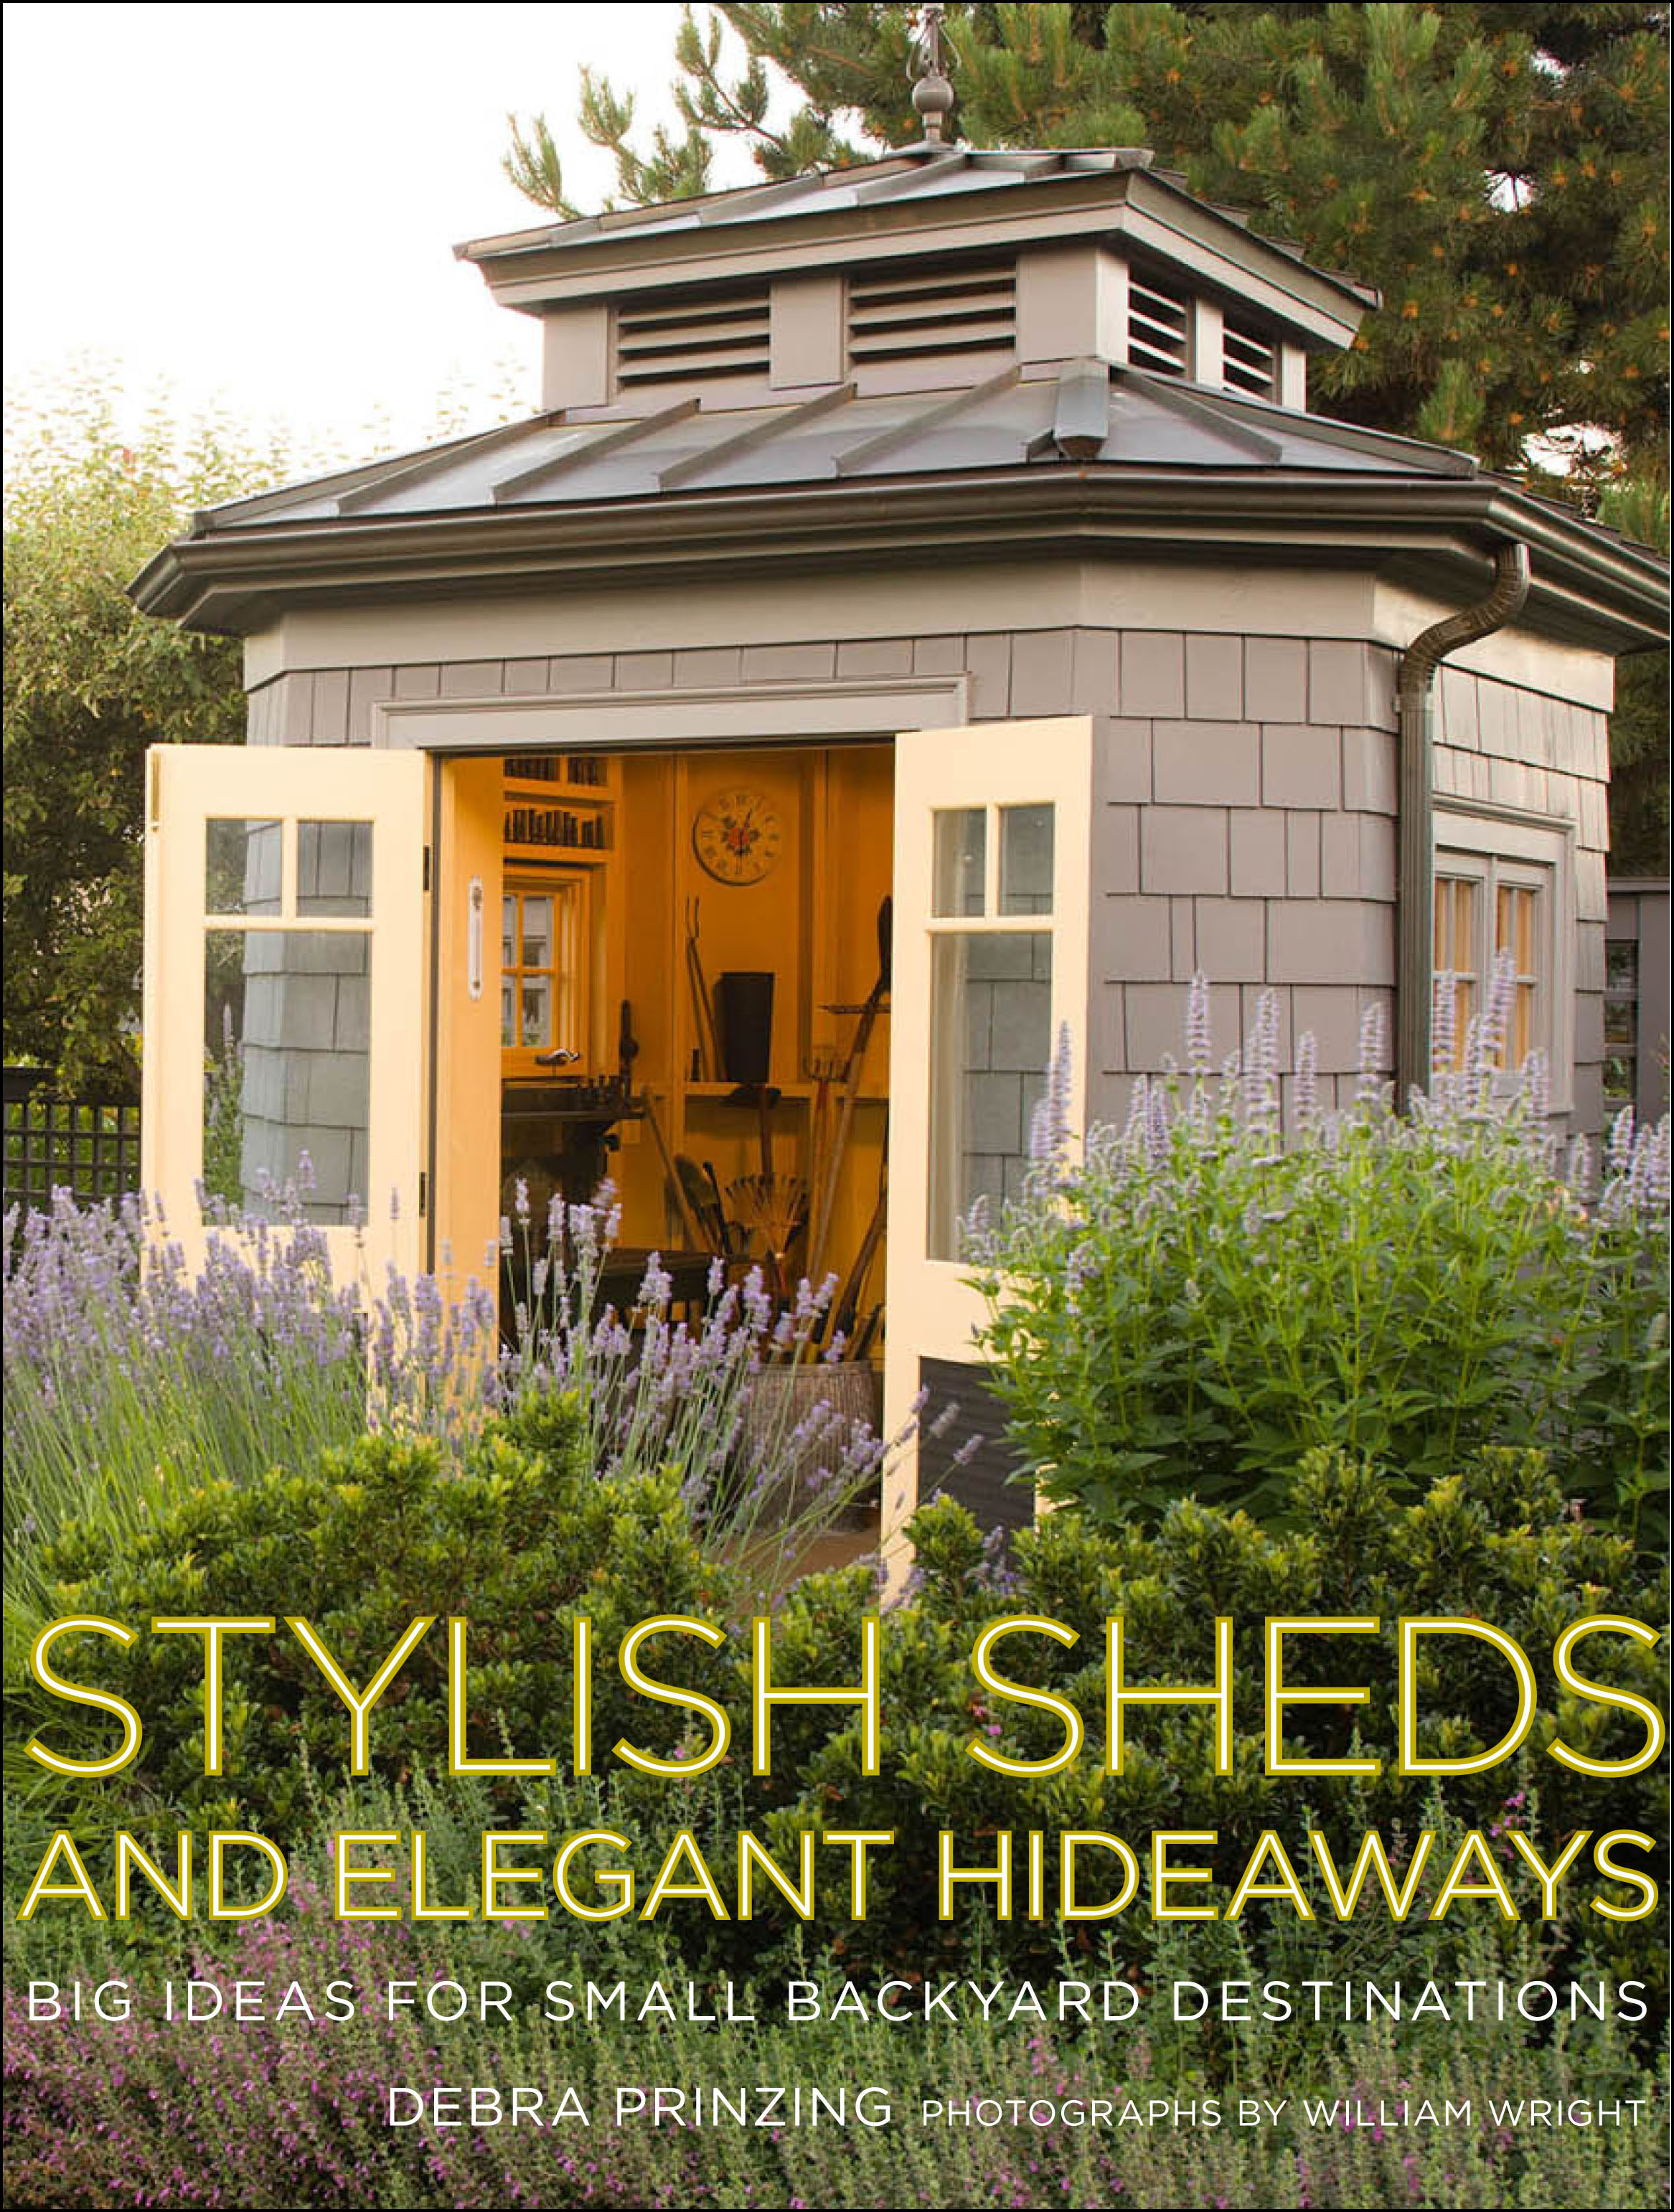 Stylish_Sheds_and_Elegant_Hideaways